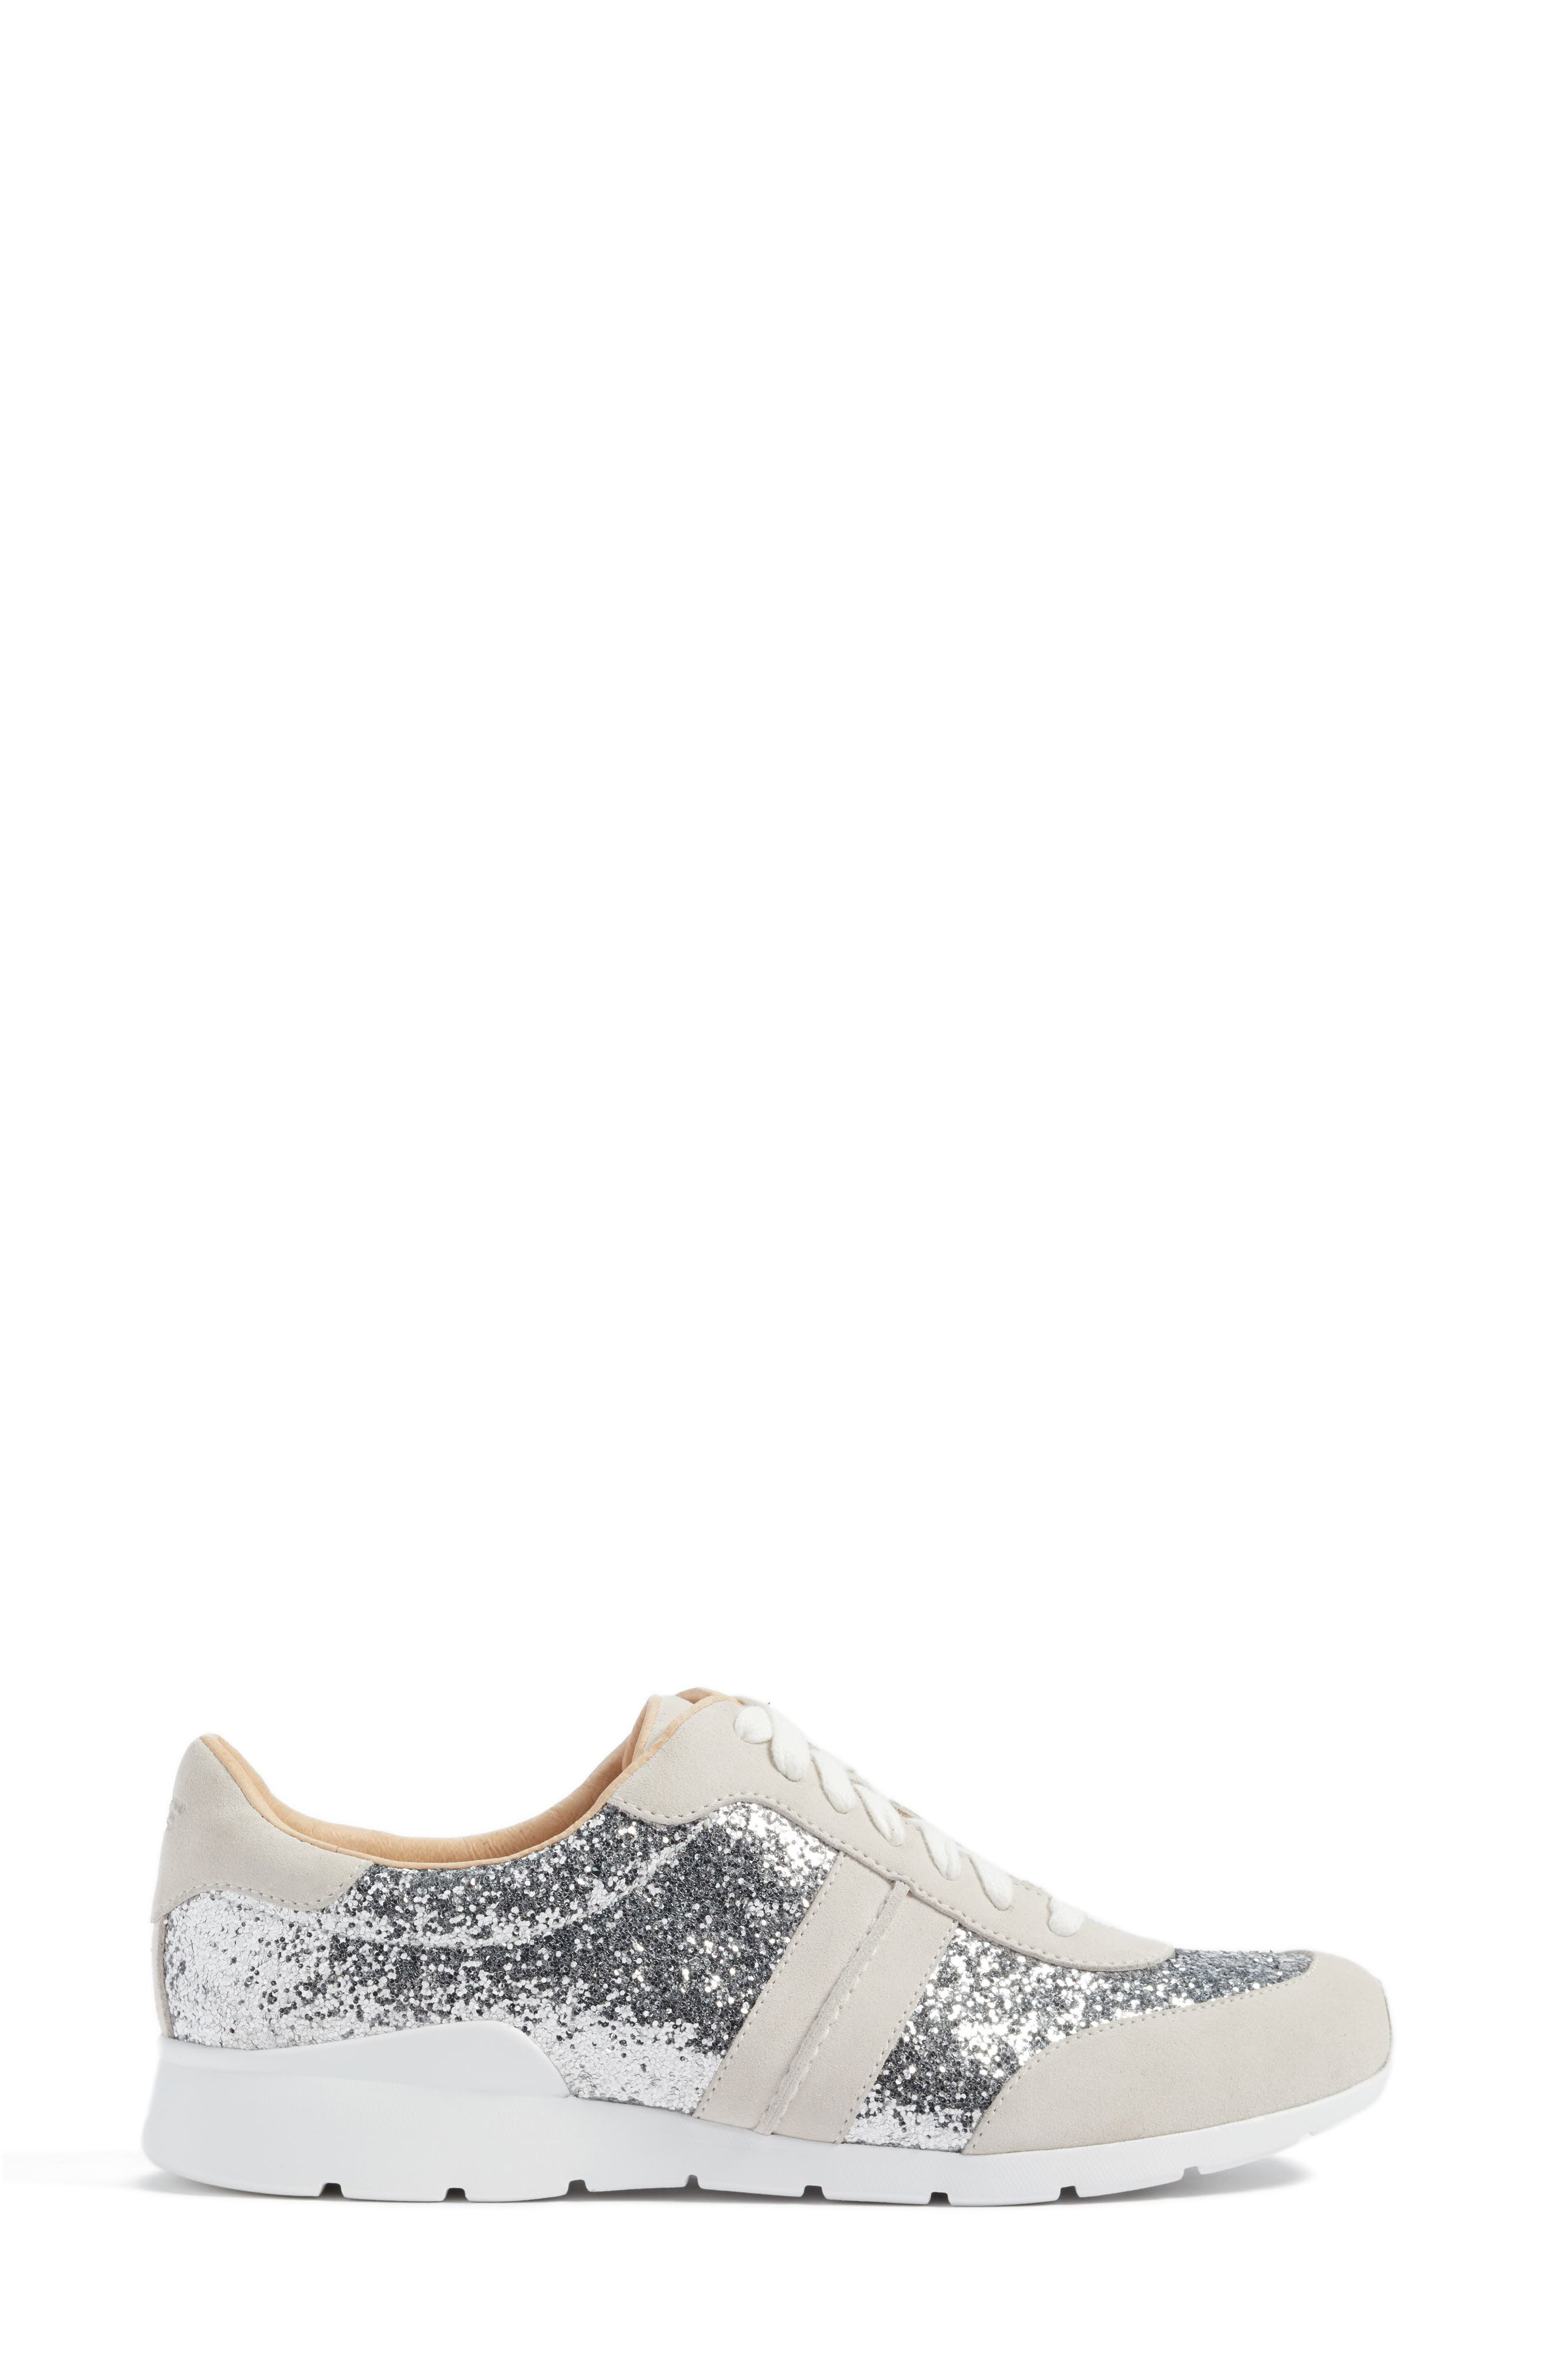 Jaida Glitter Sneaker,                             Alternate thumbnail 3, color,                             040